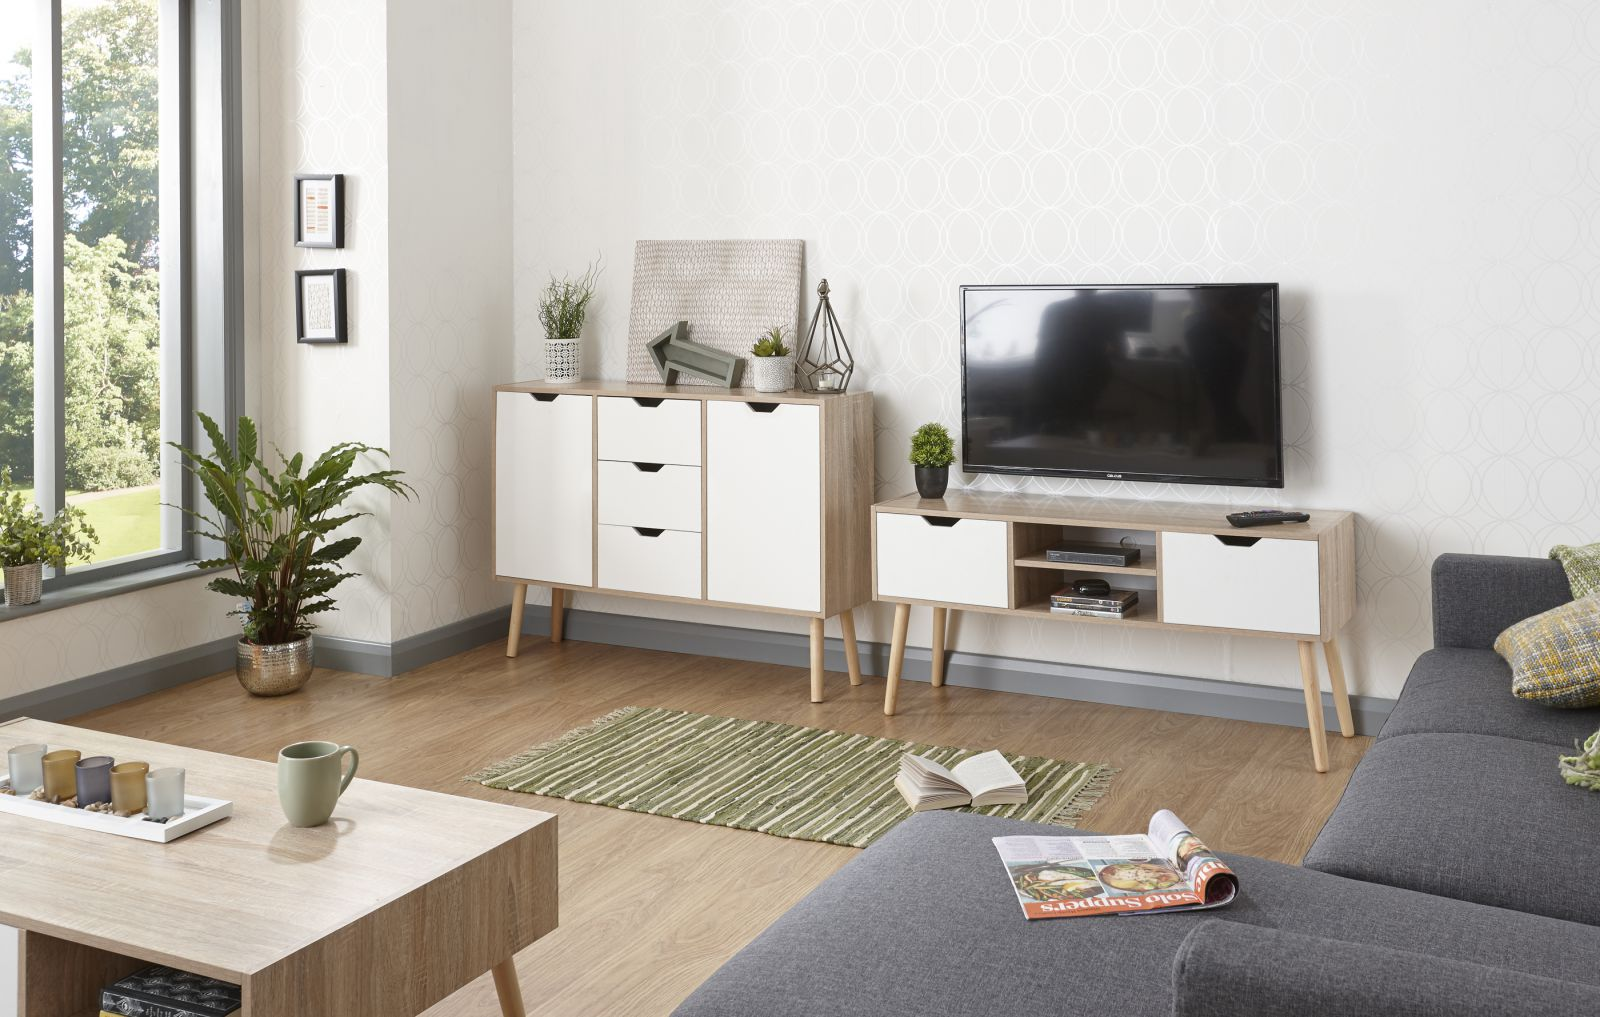 Bí quyết chọn sàn nhựa hợp nhất với ngôi nhà của bạn